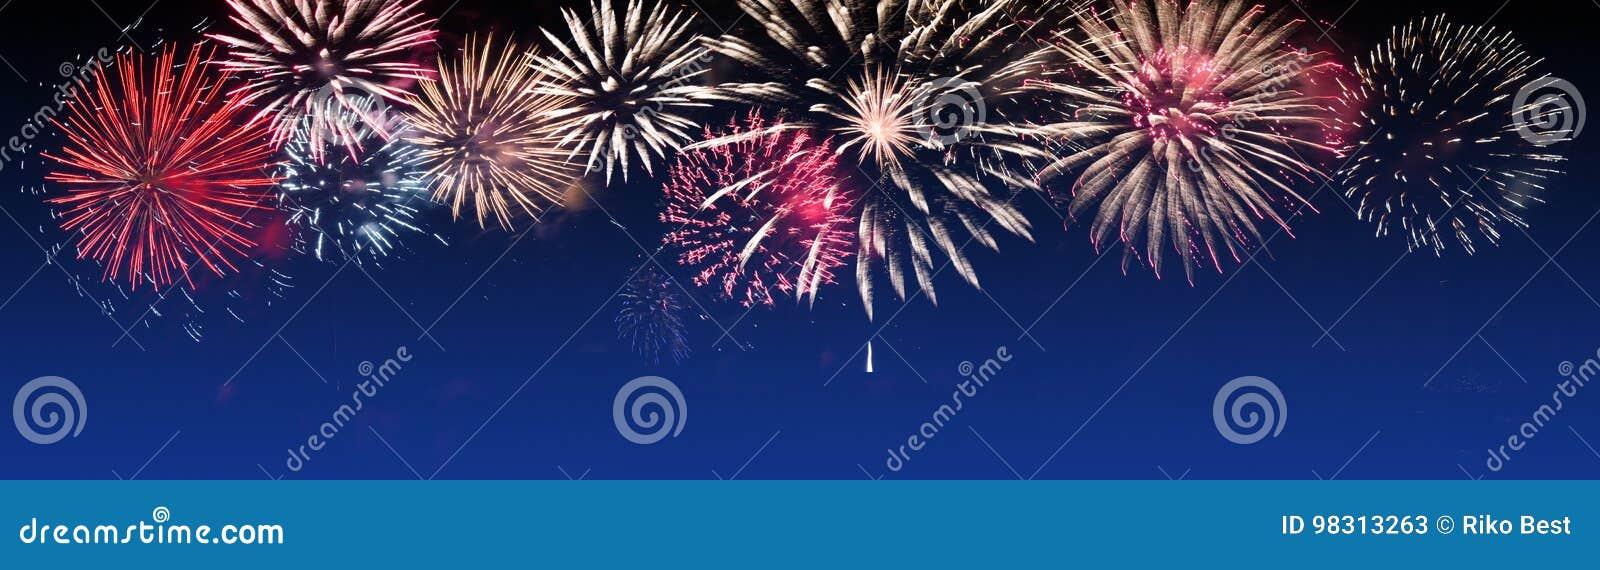 Fuochi d artificio brillantemente variopinti su fondo crepuscolare - faccia festa la celebrazione